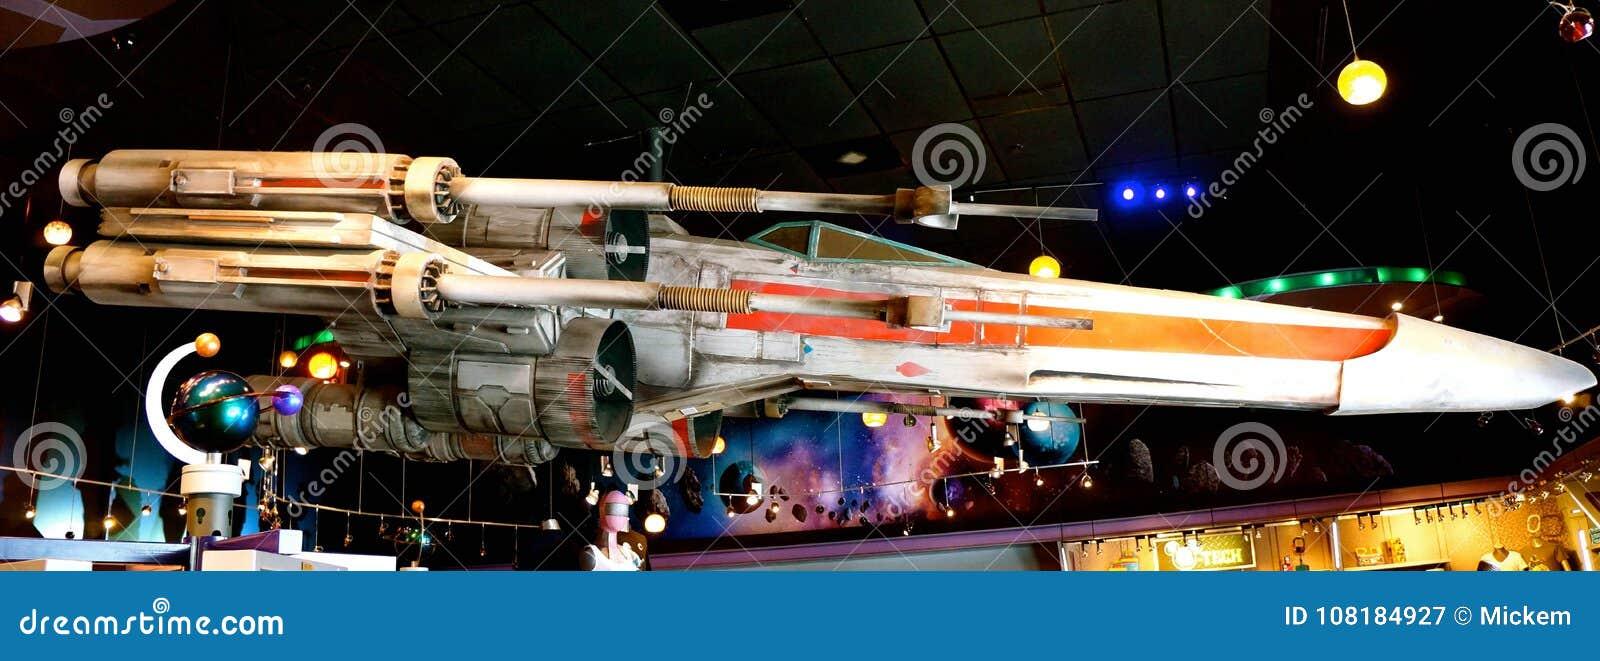 Star Wars-Stern-Kämpfer Jet Disneyland